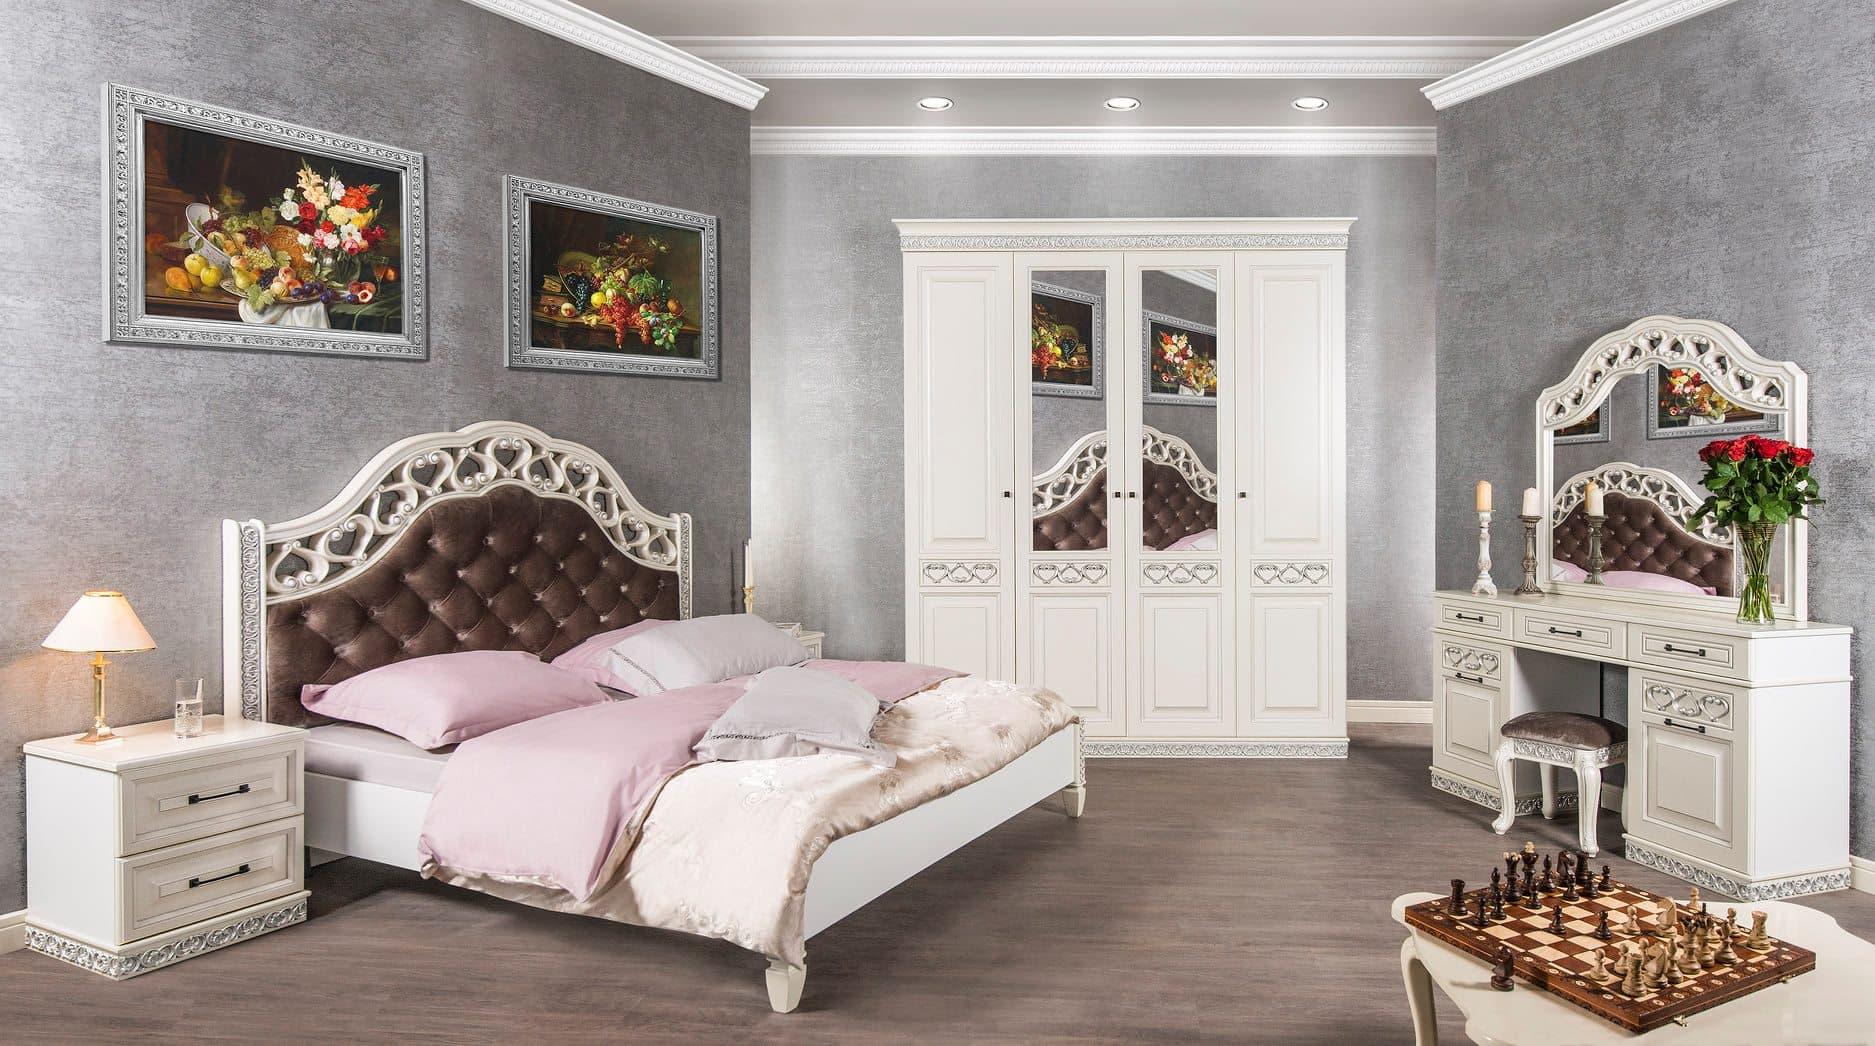 """Классическая мебель для спальни""""Мария"""" от мебельной фабрики """"СКФМ"""""""